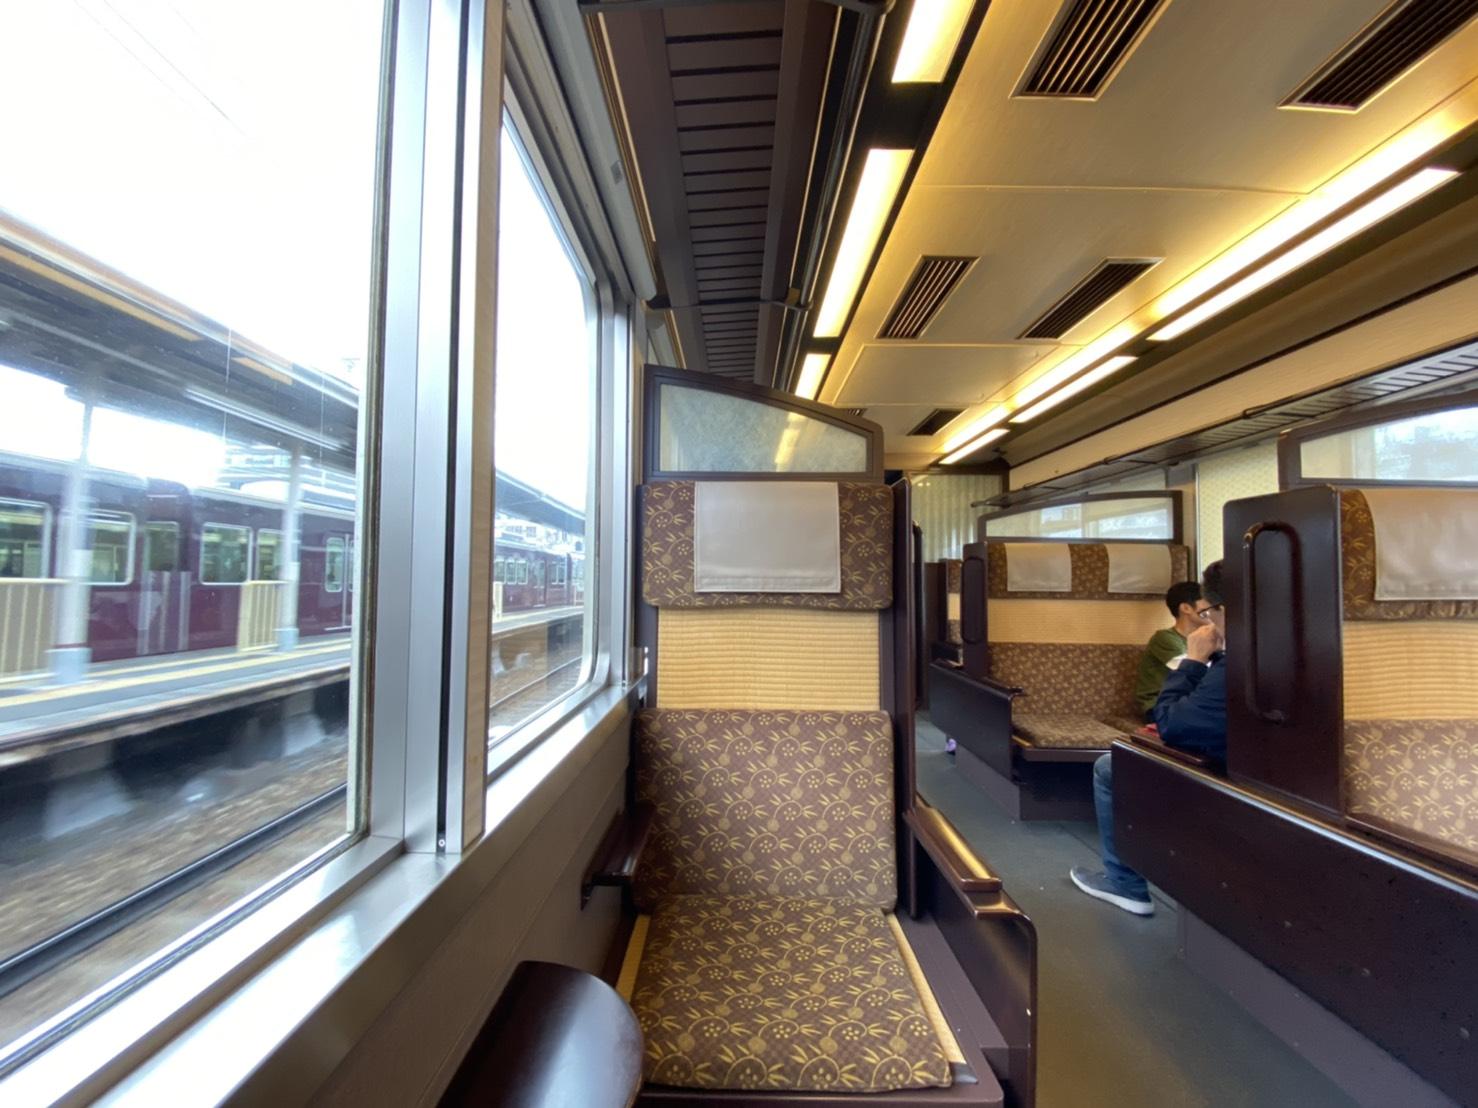 【追加料金なし!】土日祝限定の阪急の「京とれいん」に乗車